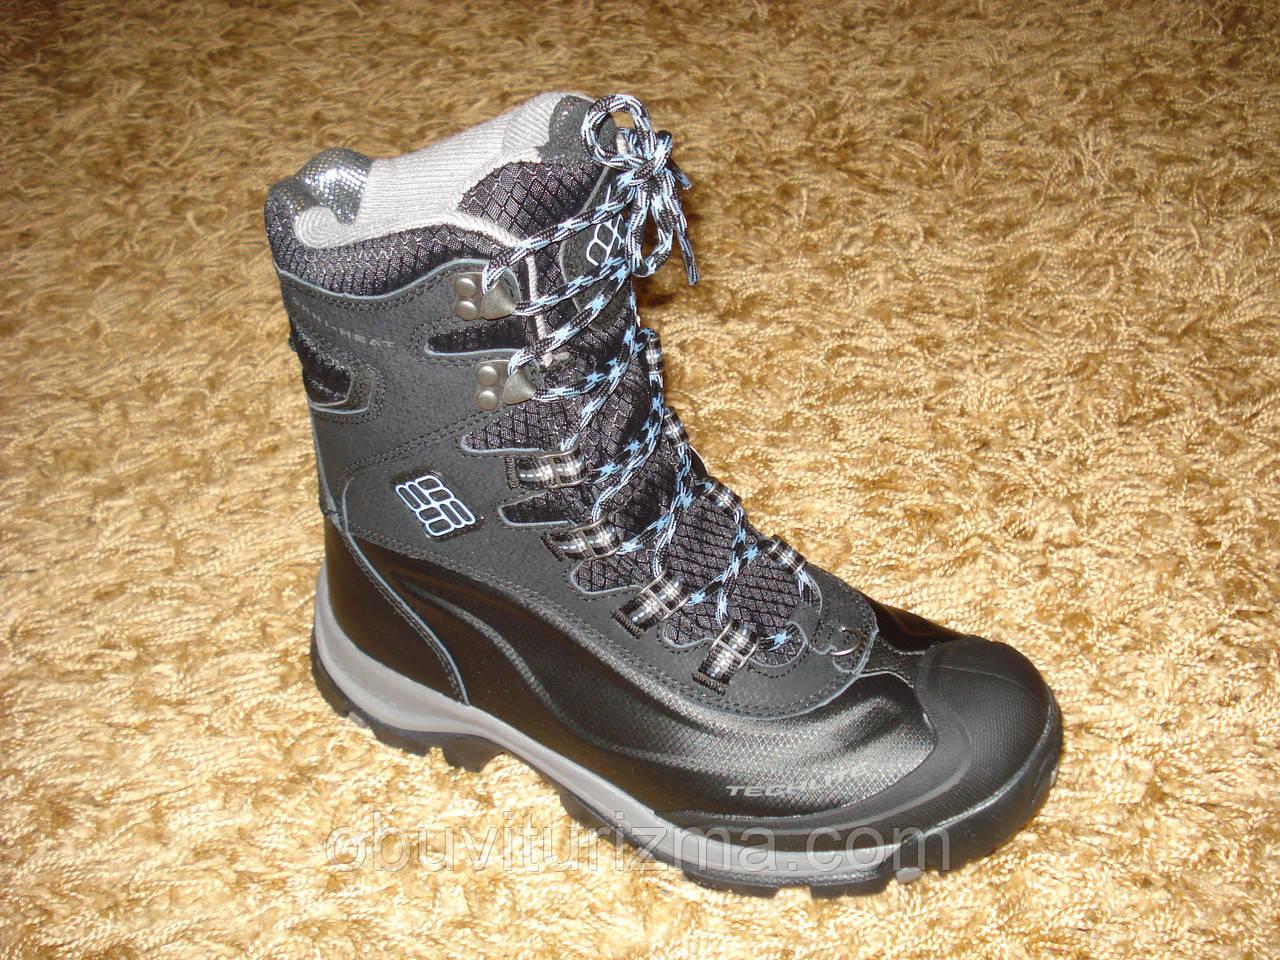 Ботинки Columbia Bugaboot™ PLUS 3 OMNI-HEAT® 200g (8 8.5)  выгодные ... 9db13f414395a